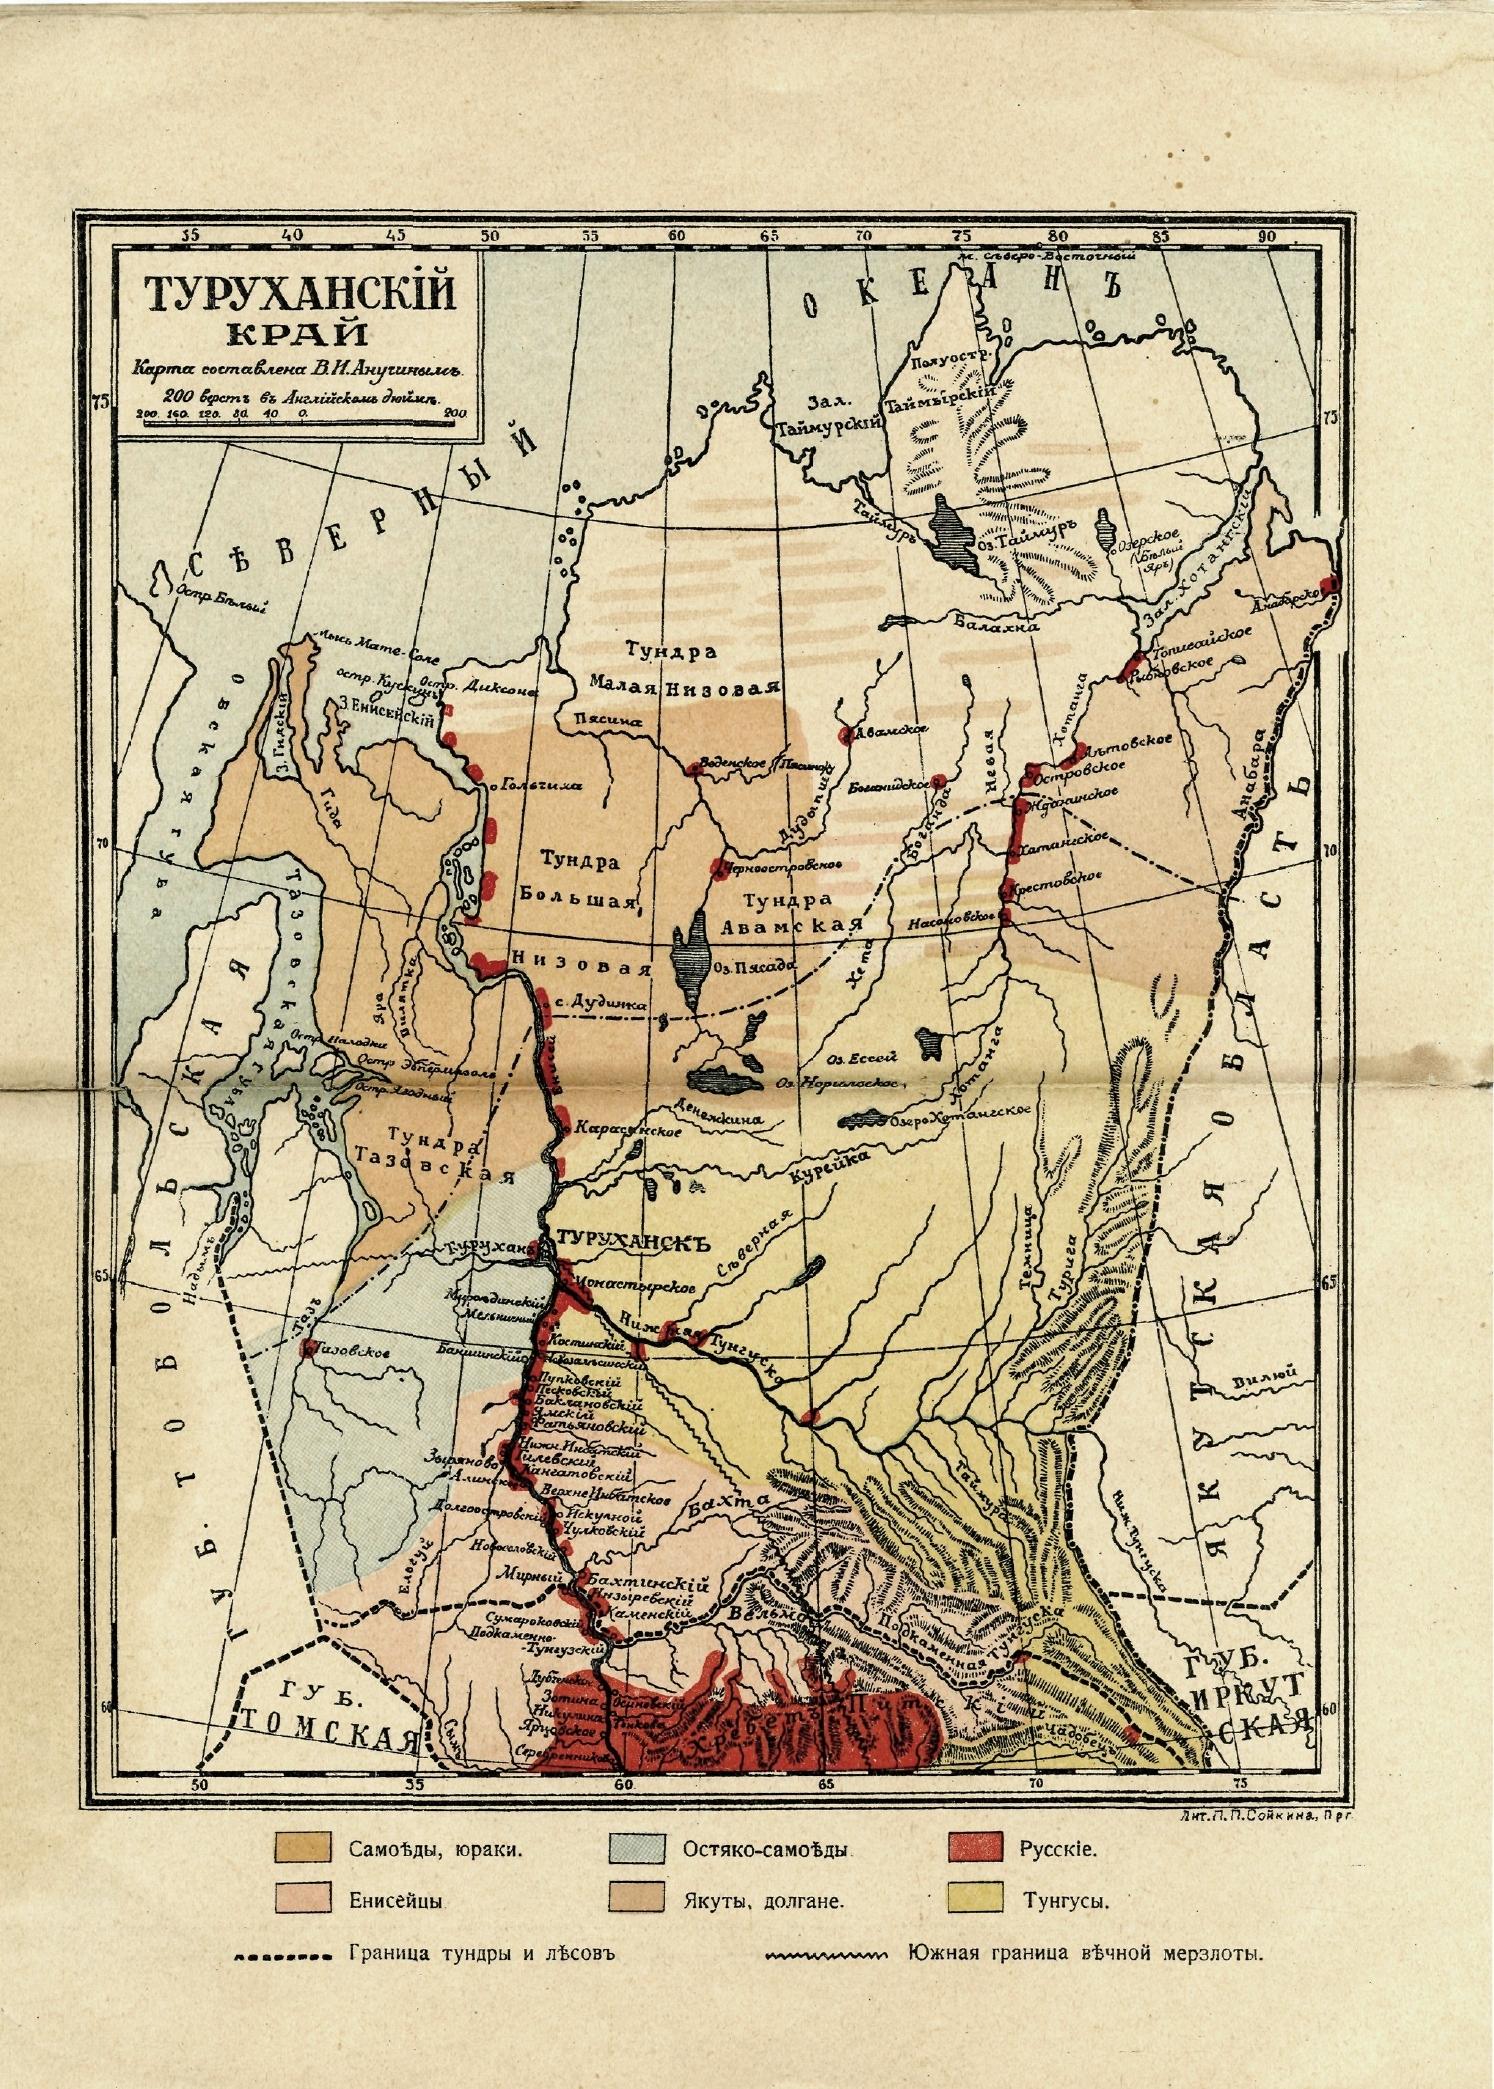 1916 Карта Туруханского края 1916.jpg